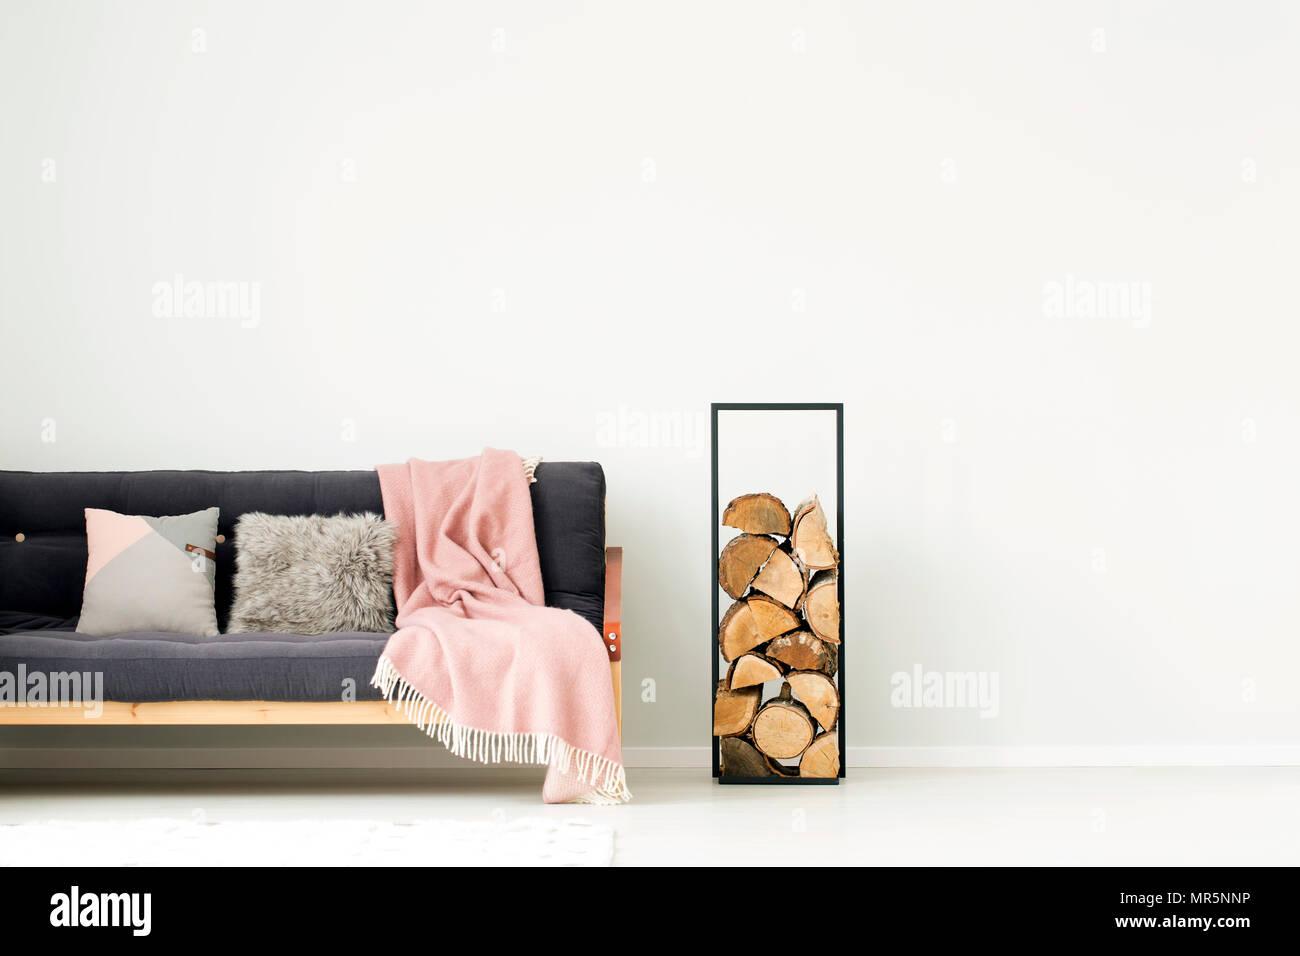 Holz Neben Dunklen Sofa Grau Mit Rosa Decke Und Kissen In Der